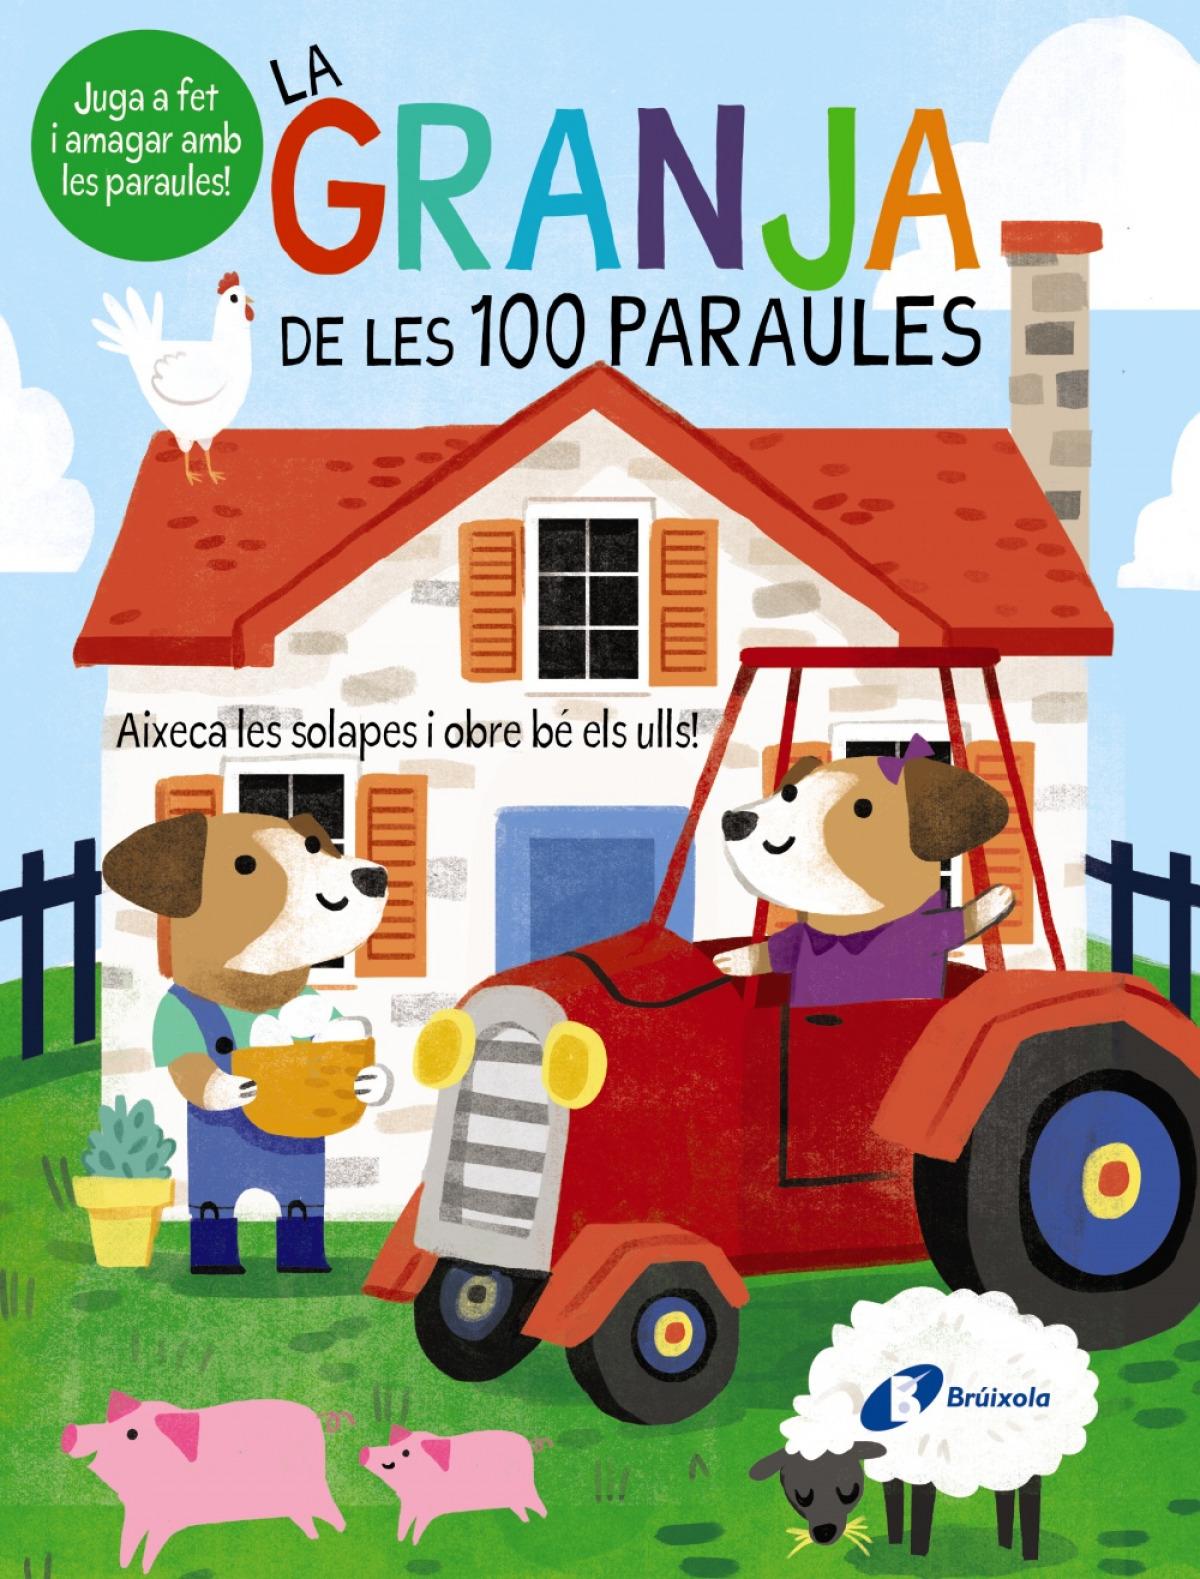 LA GRANJA 100 PARAULES